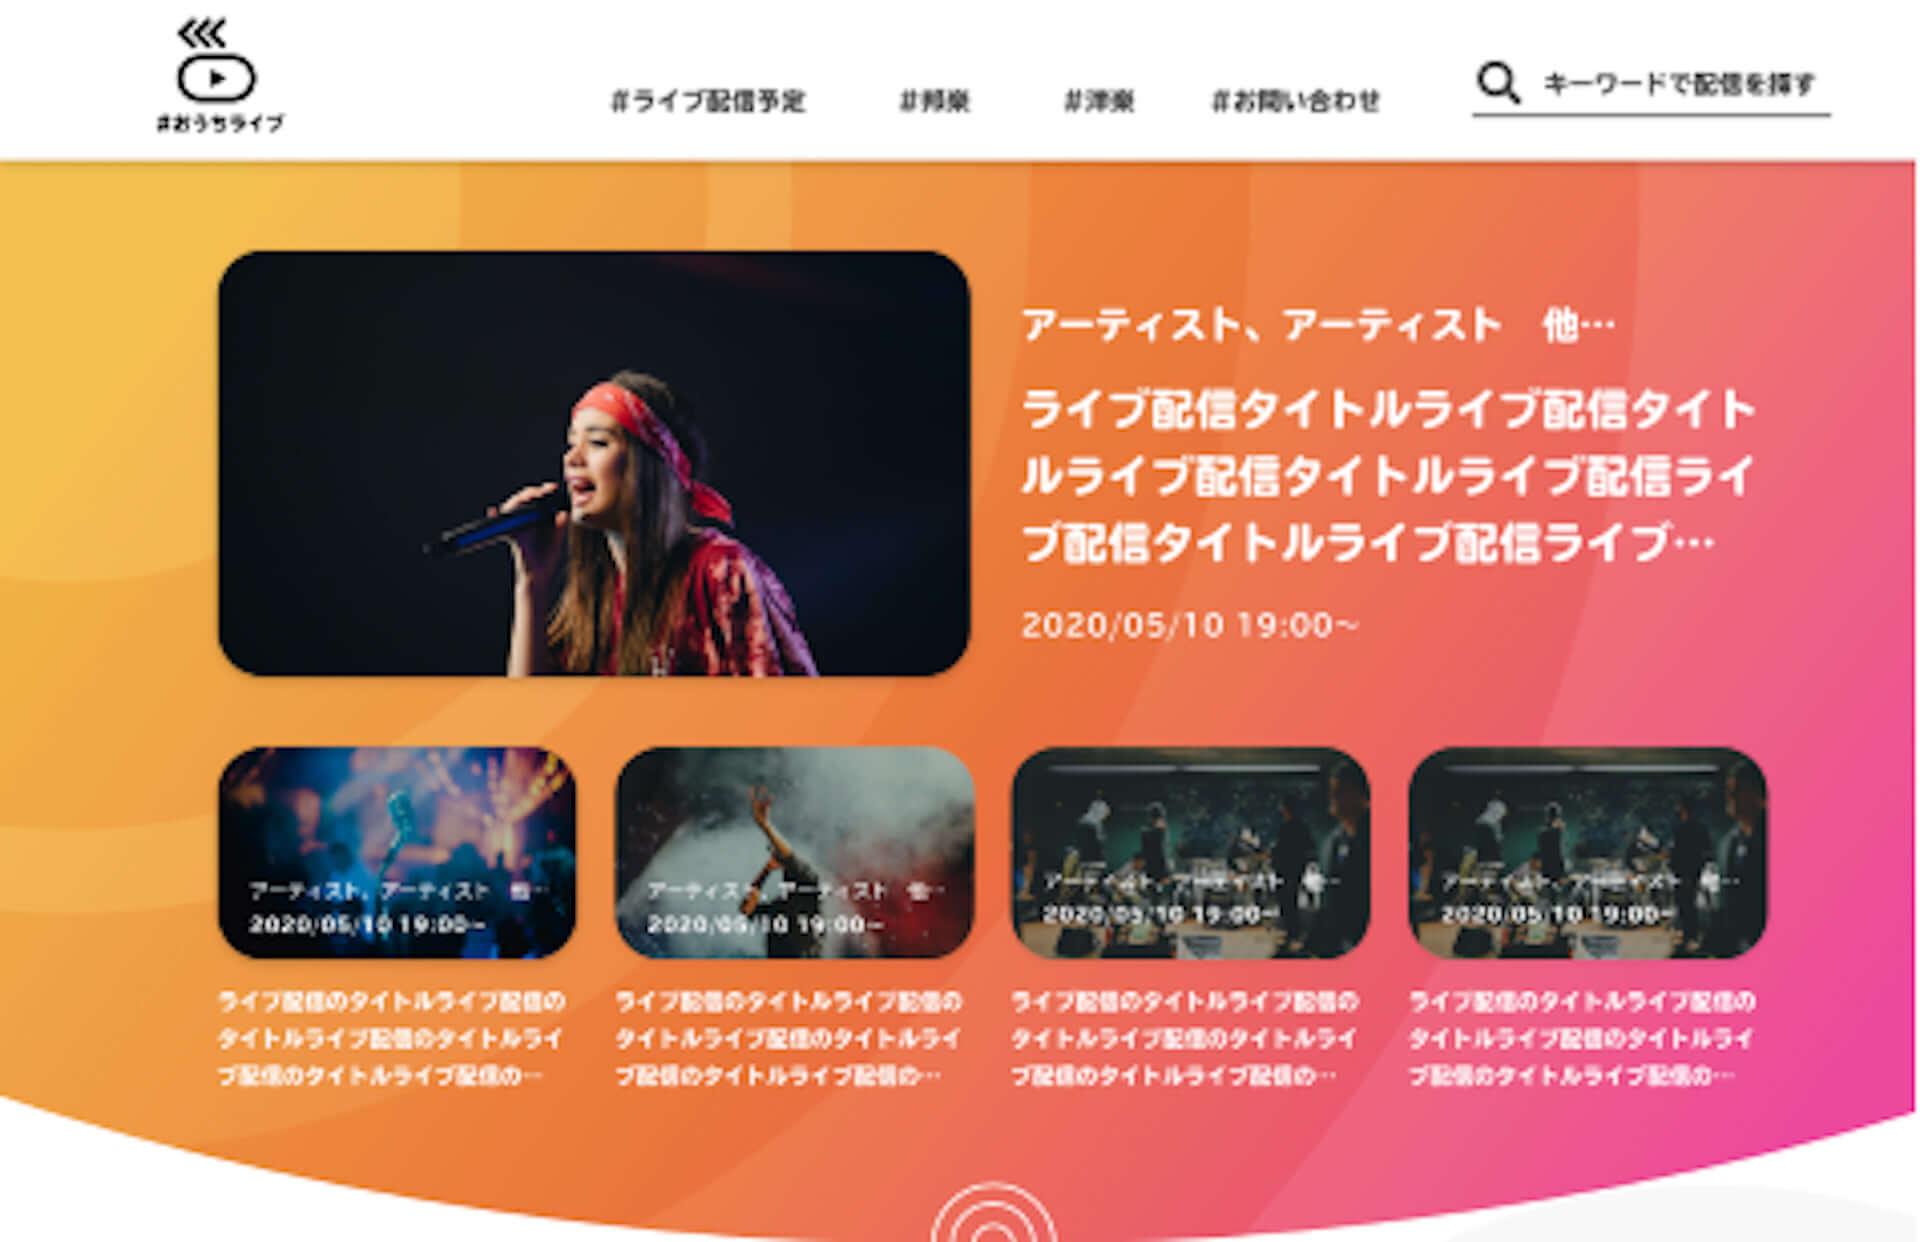 音楽ライブの配信情報まとめメディア「#おうちライブ」がリリース決定|番組表やリマインド機能も 200525_ouchi_live_1-1920x1242